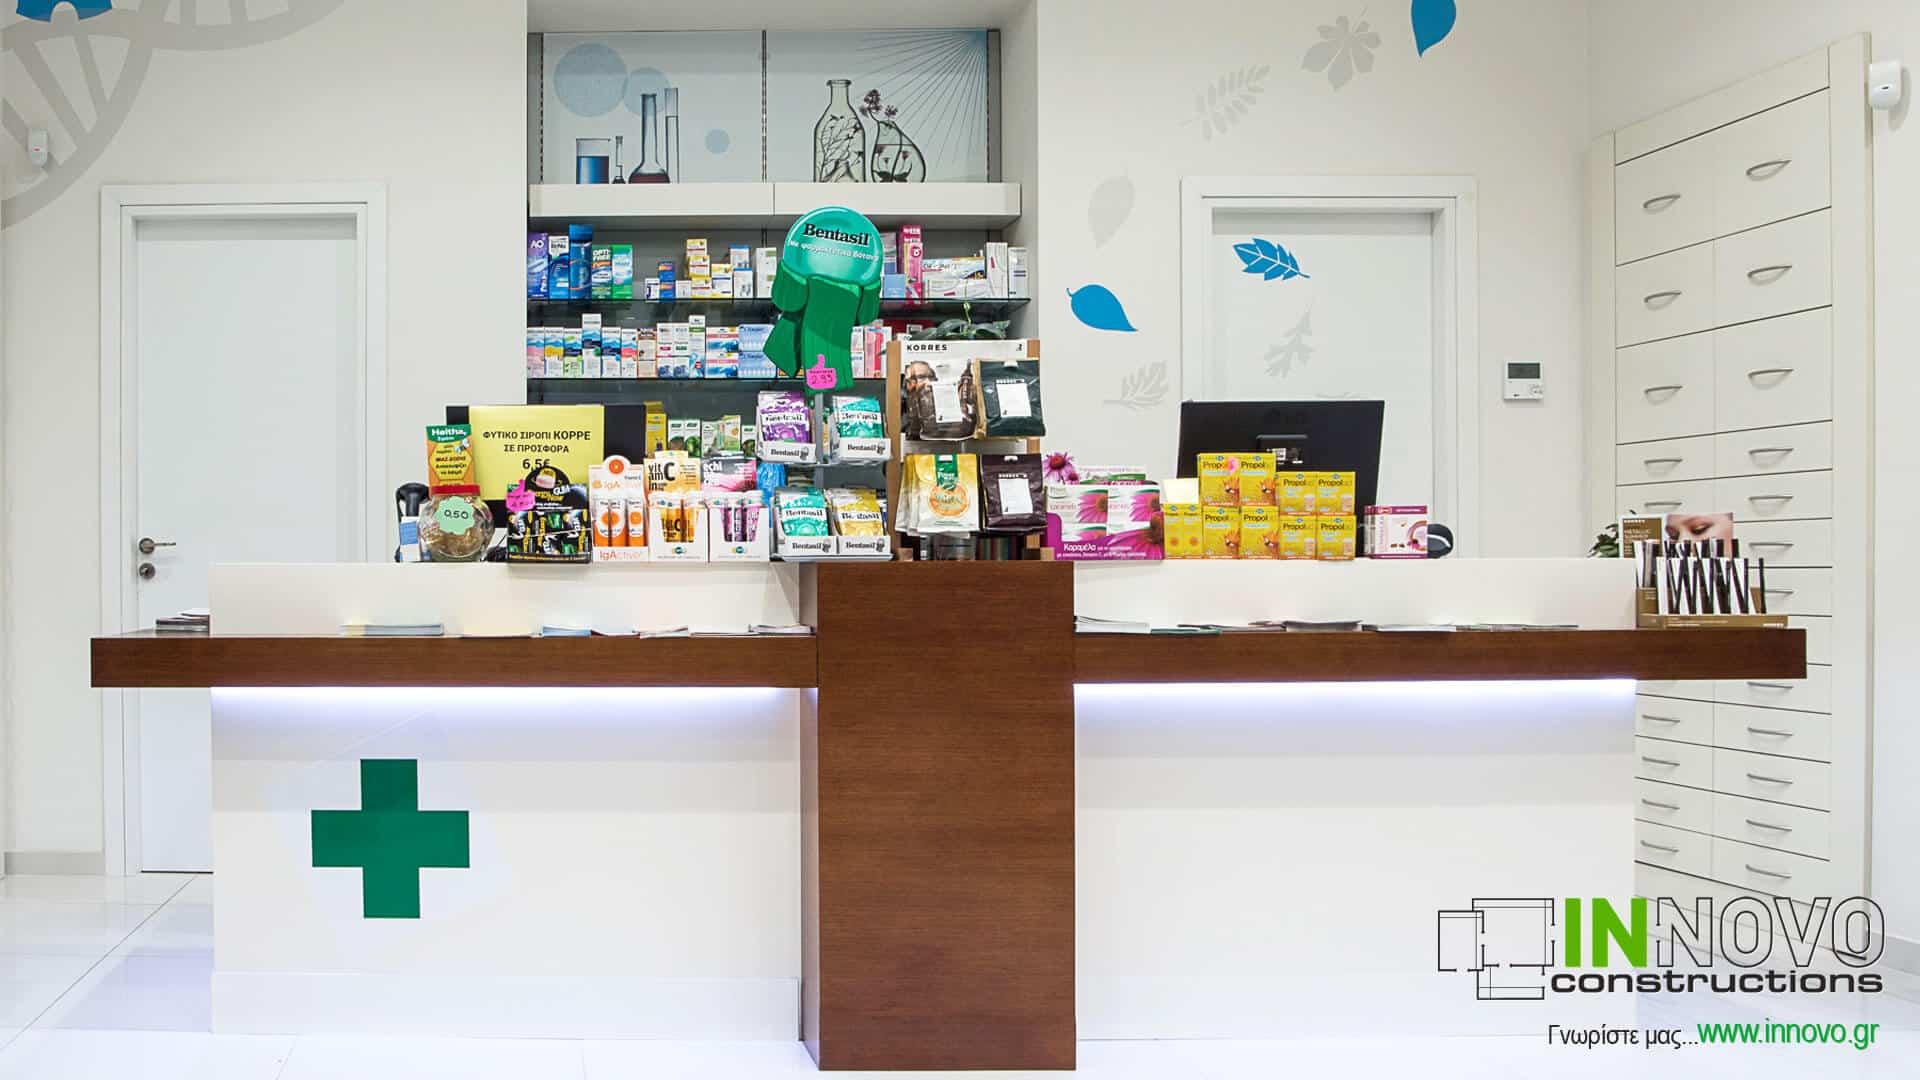 Πάγκος Ταμείου R-Dorida Φαρμακείο στο Κορωπί